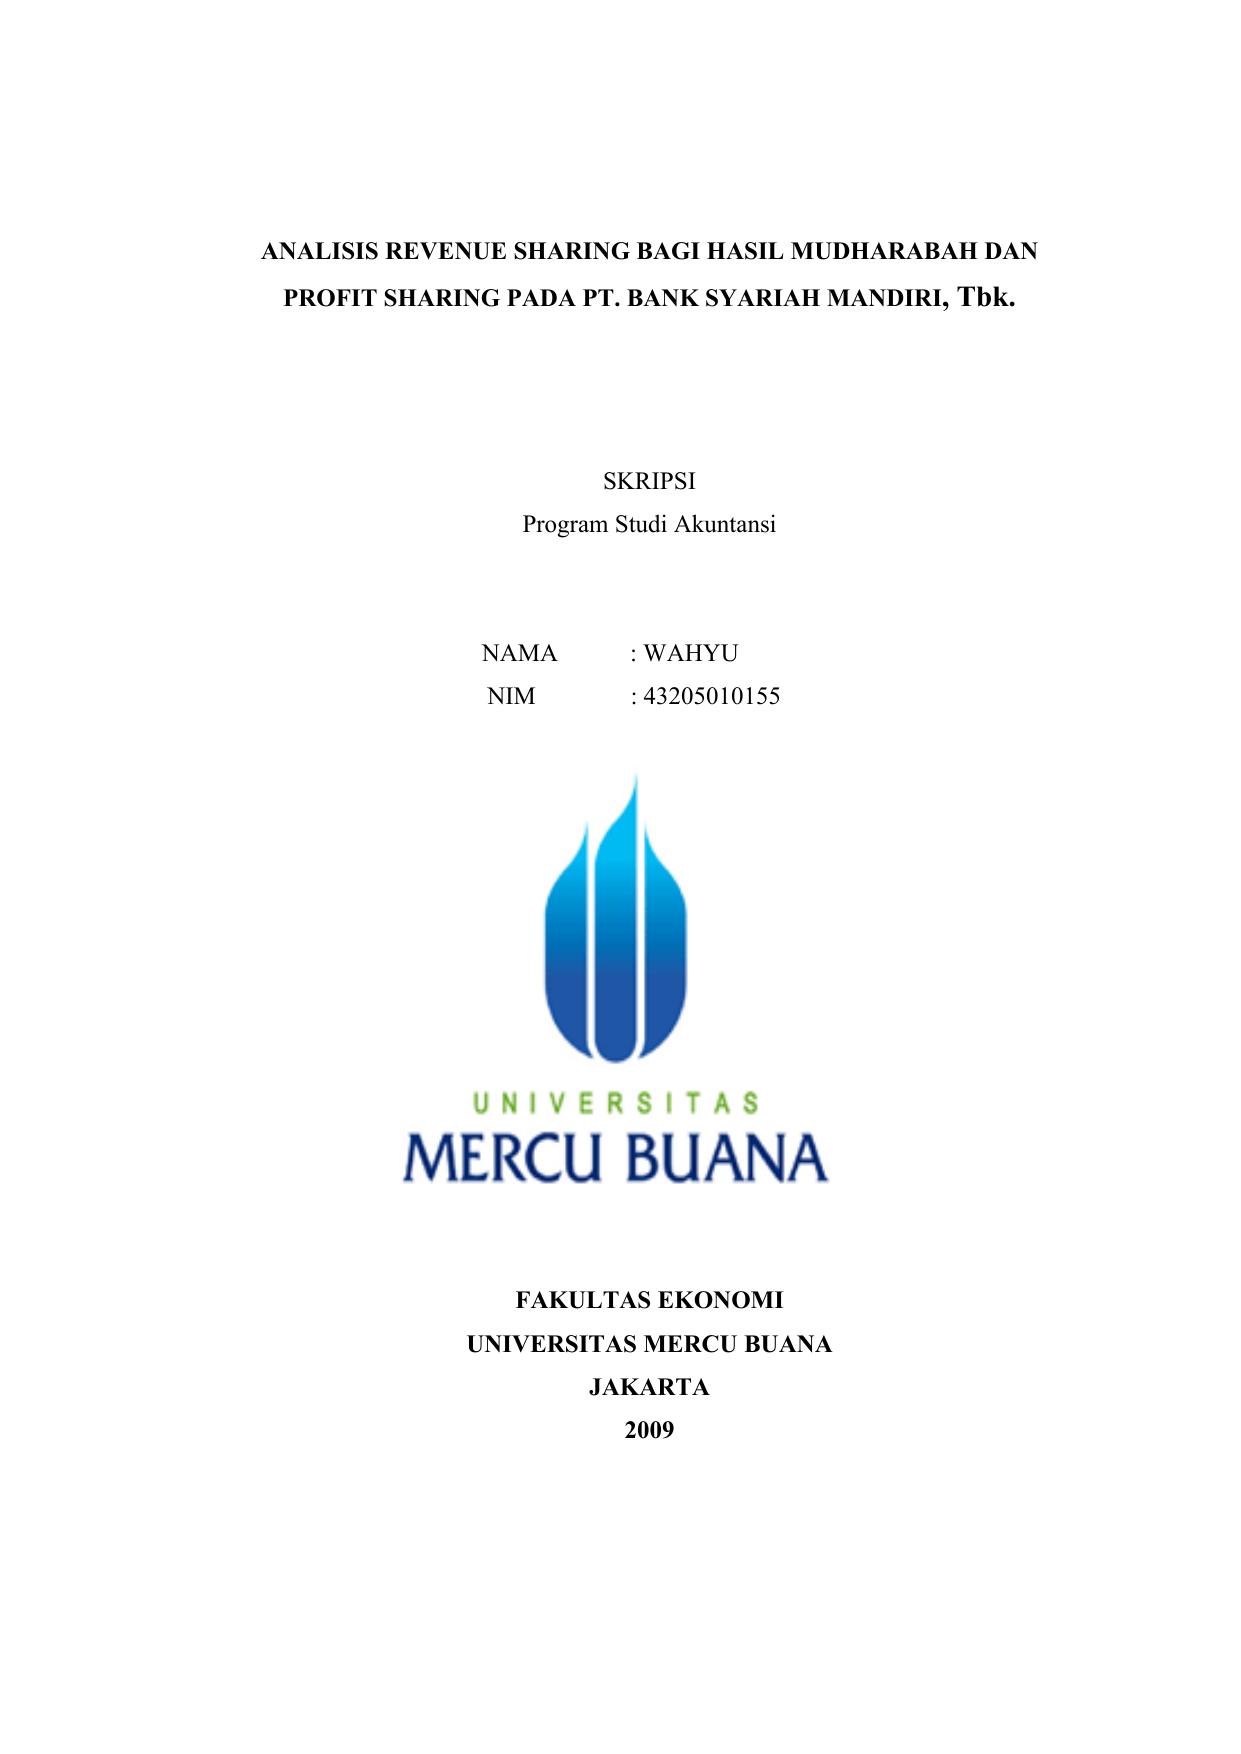 Analisis Revenue Sharing Bagi Hasil Mudharabah Dan